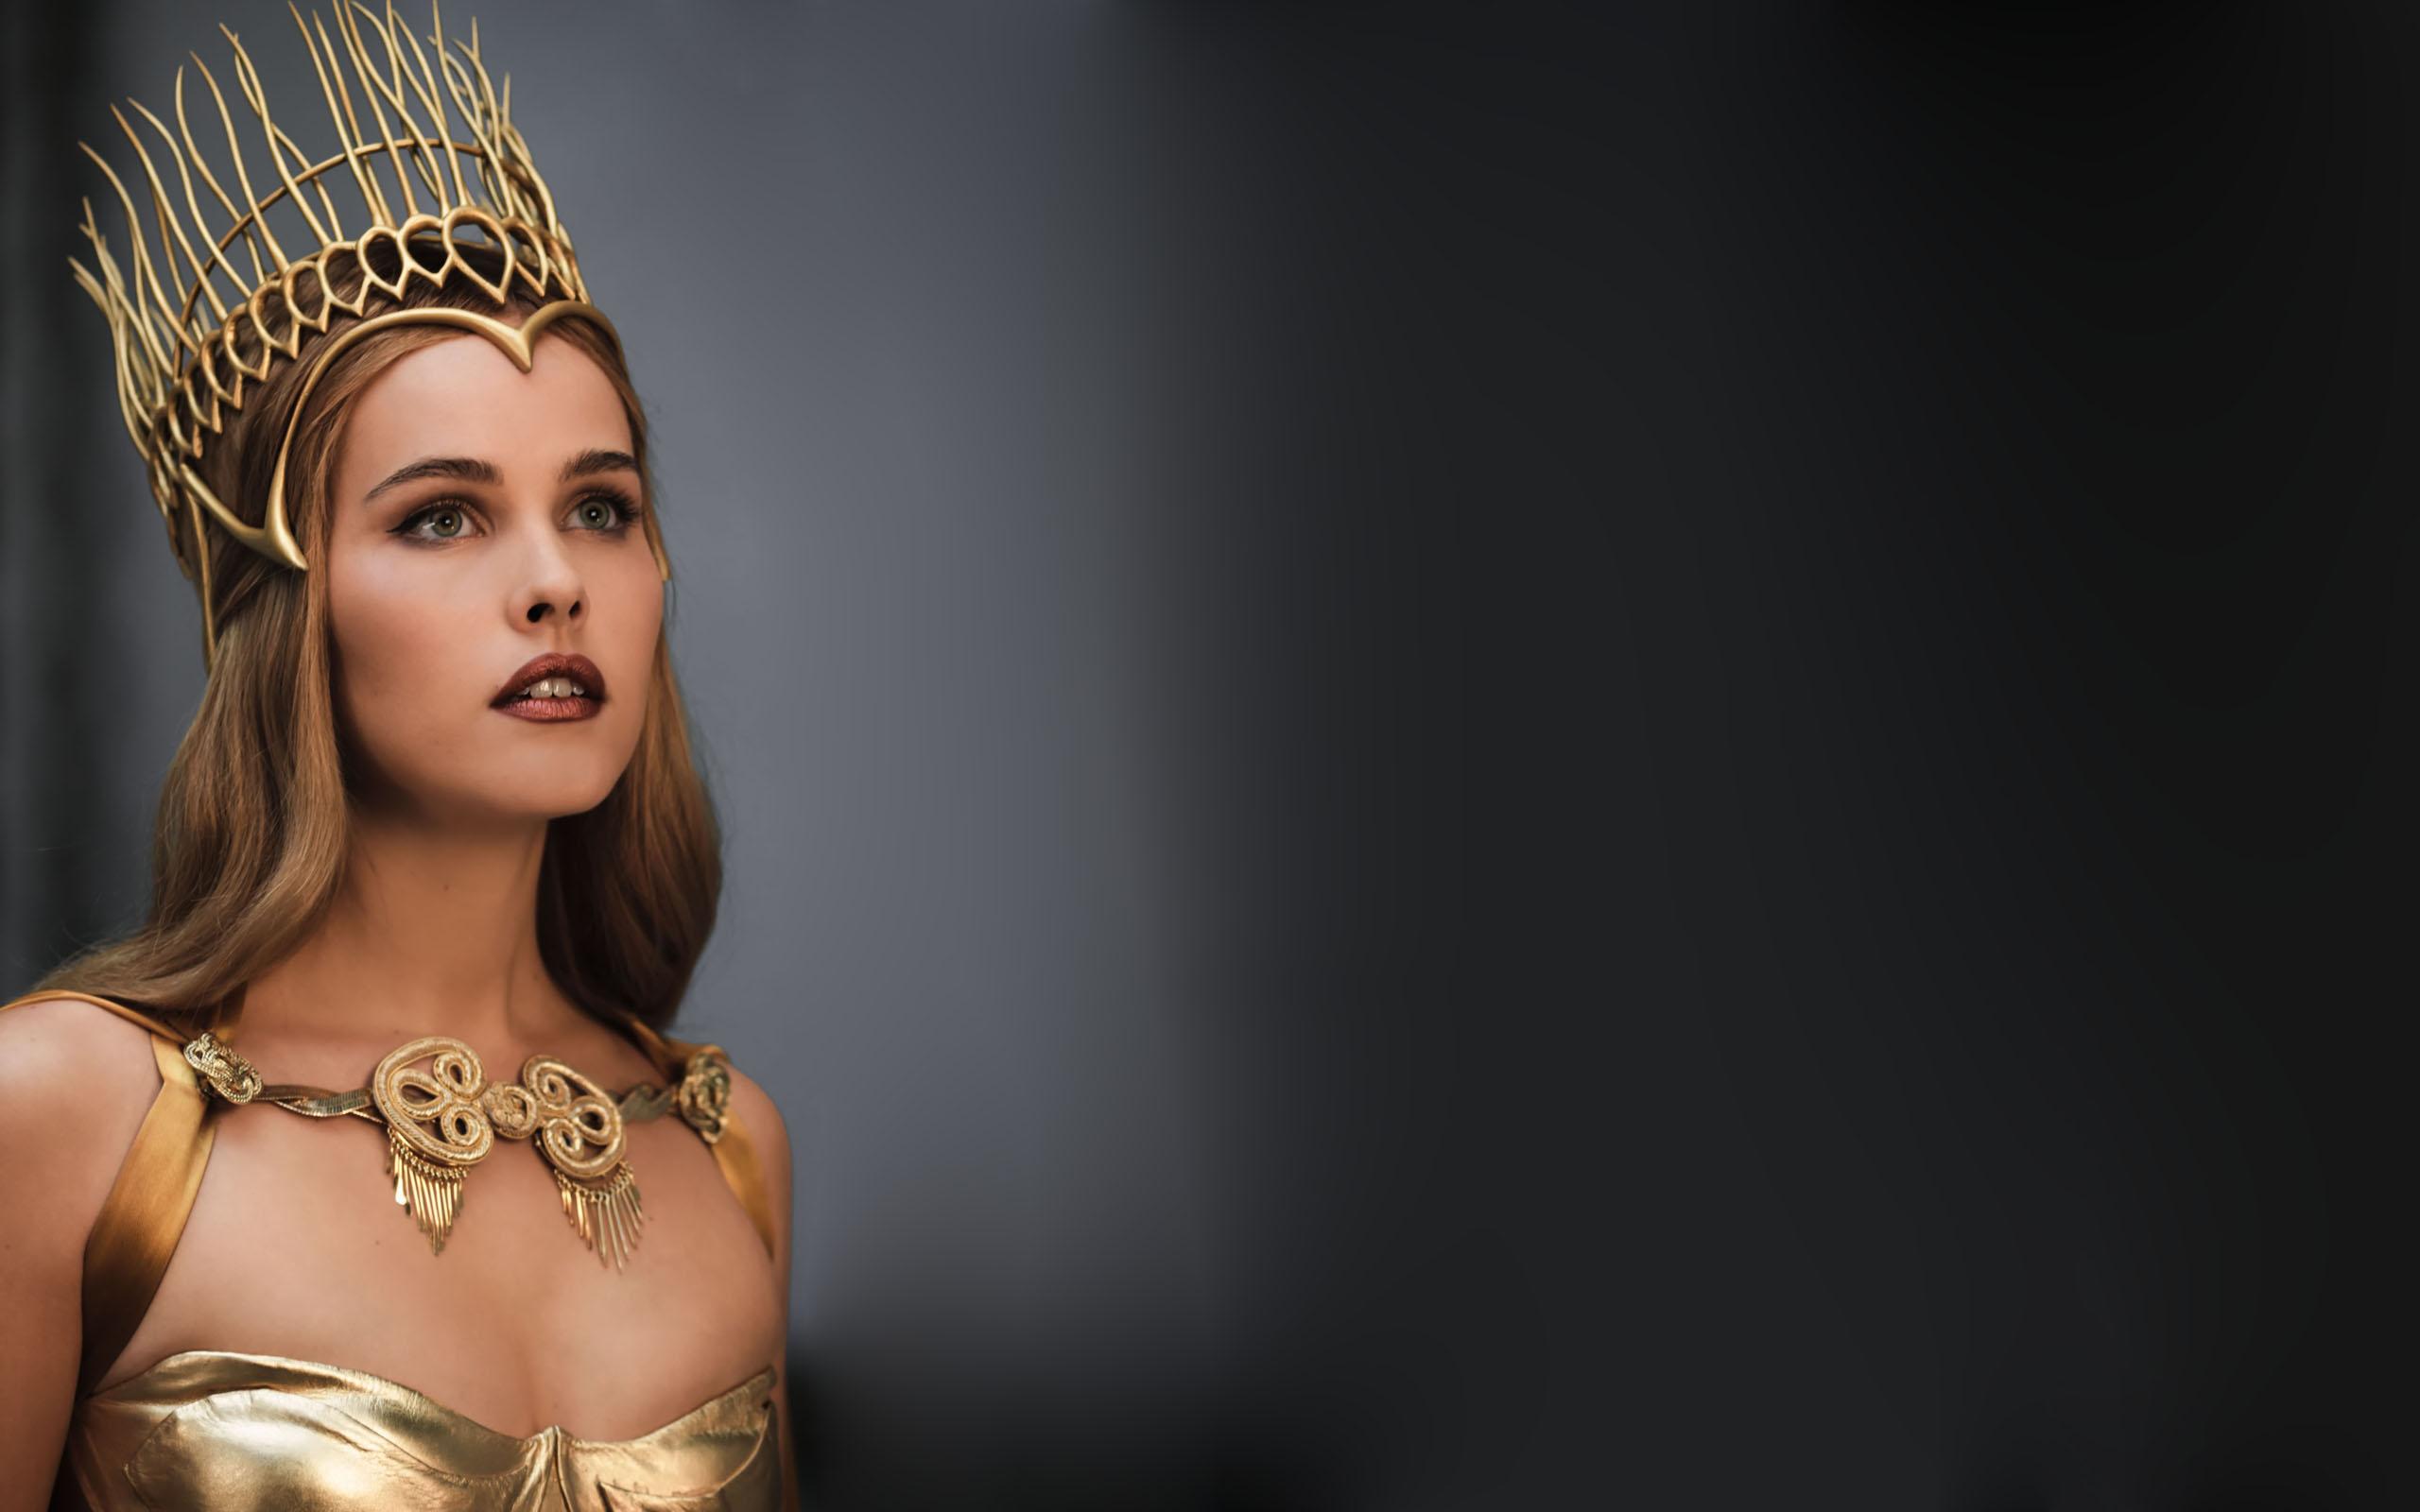 Athena goddess of wisdom entertainment 1280x800